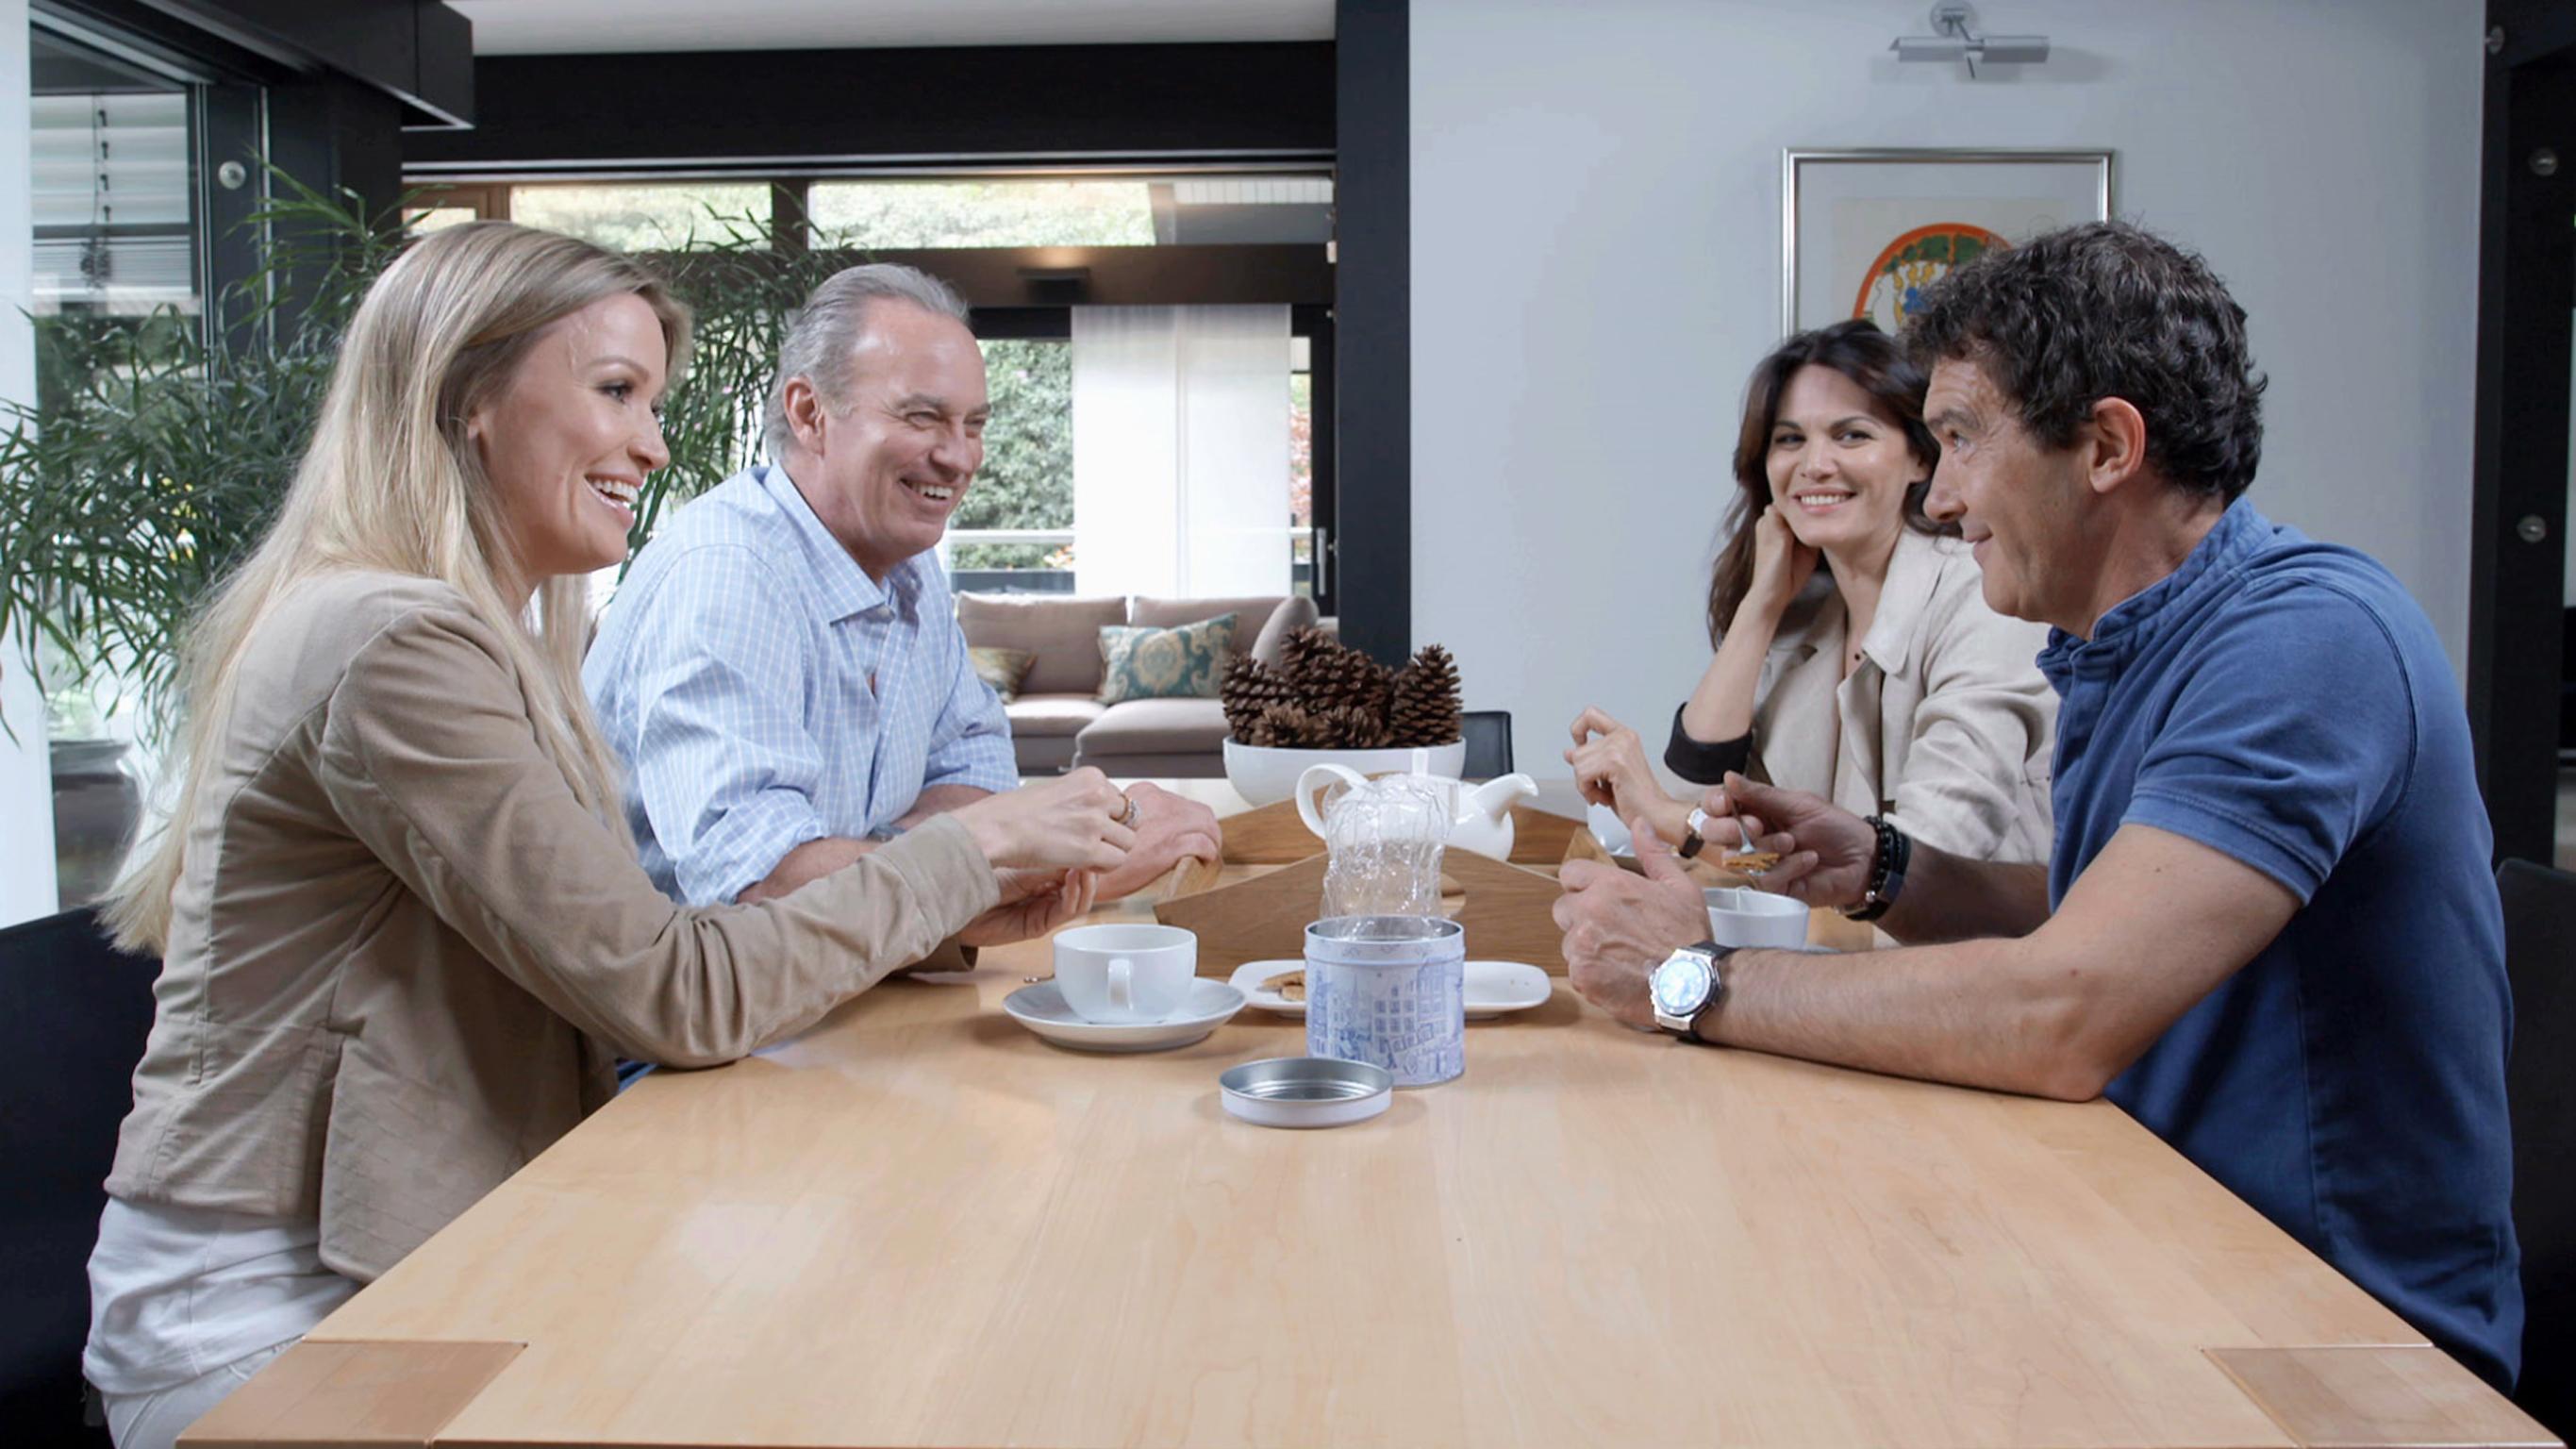 Temporada 2 Programa 11 - En casa de Antonio Banderas